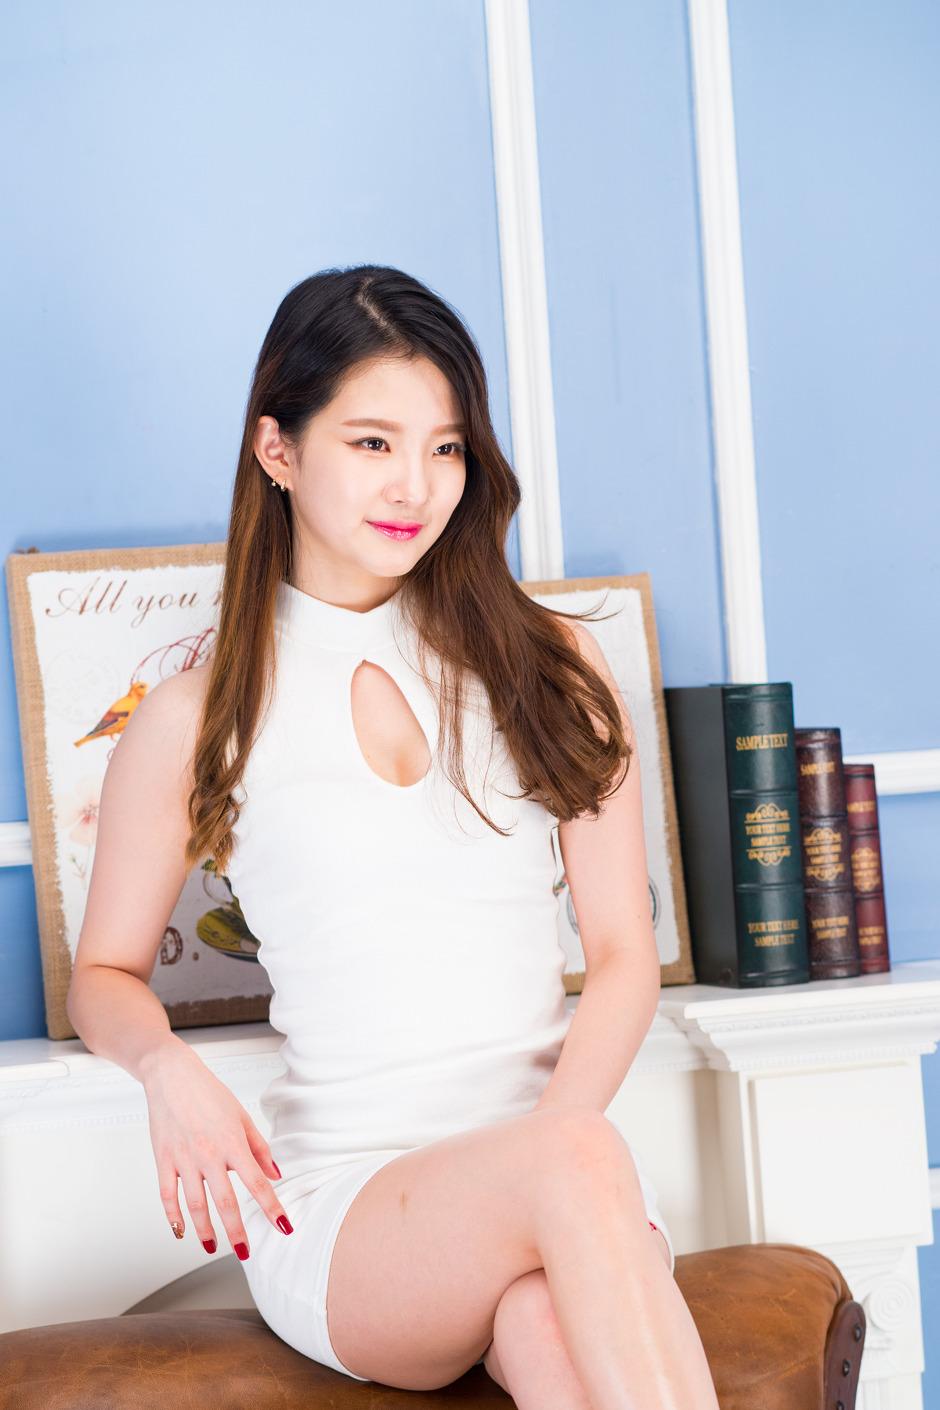 슬기 출사 누드8 포토 서보영 누드화보 공개 이목집중 생활문화 한경닷컴 ...